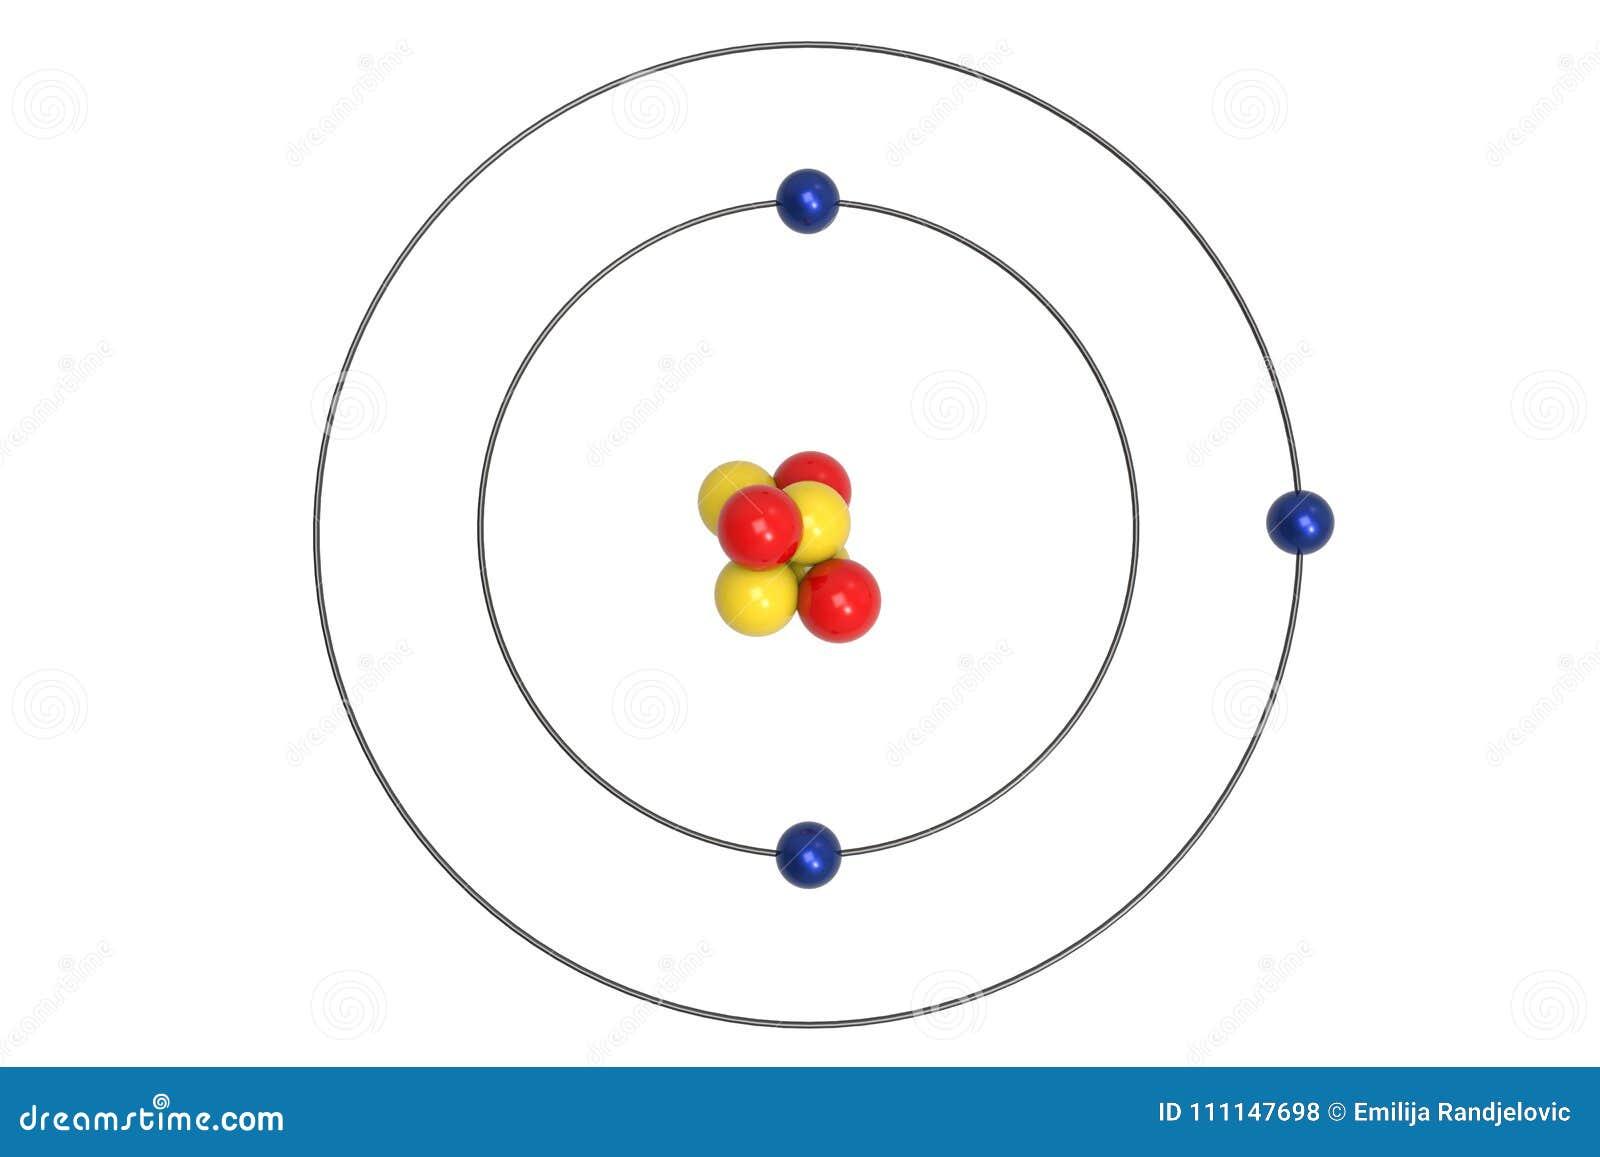 lithium atom bohr model with proton, neutron and electron